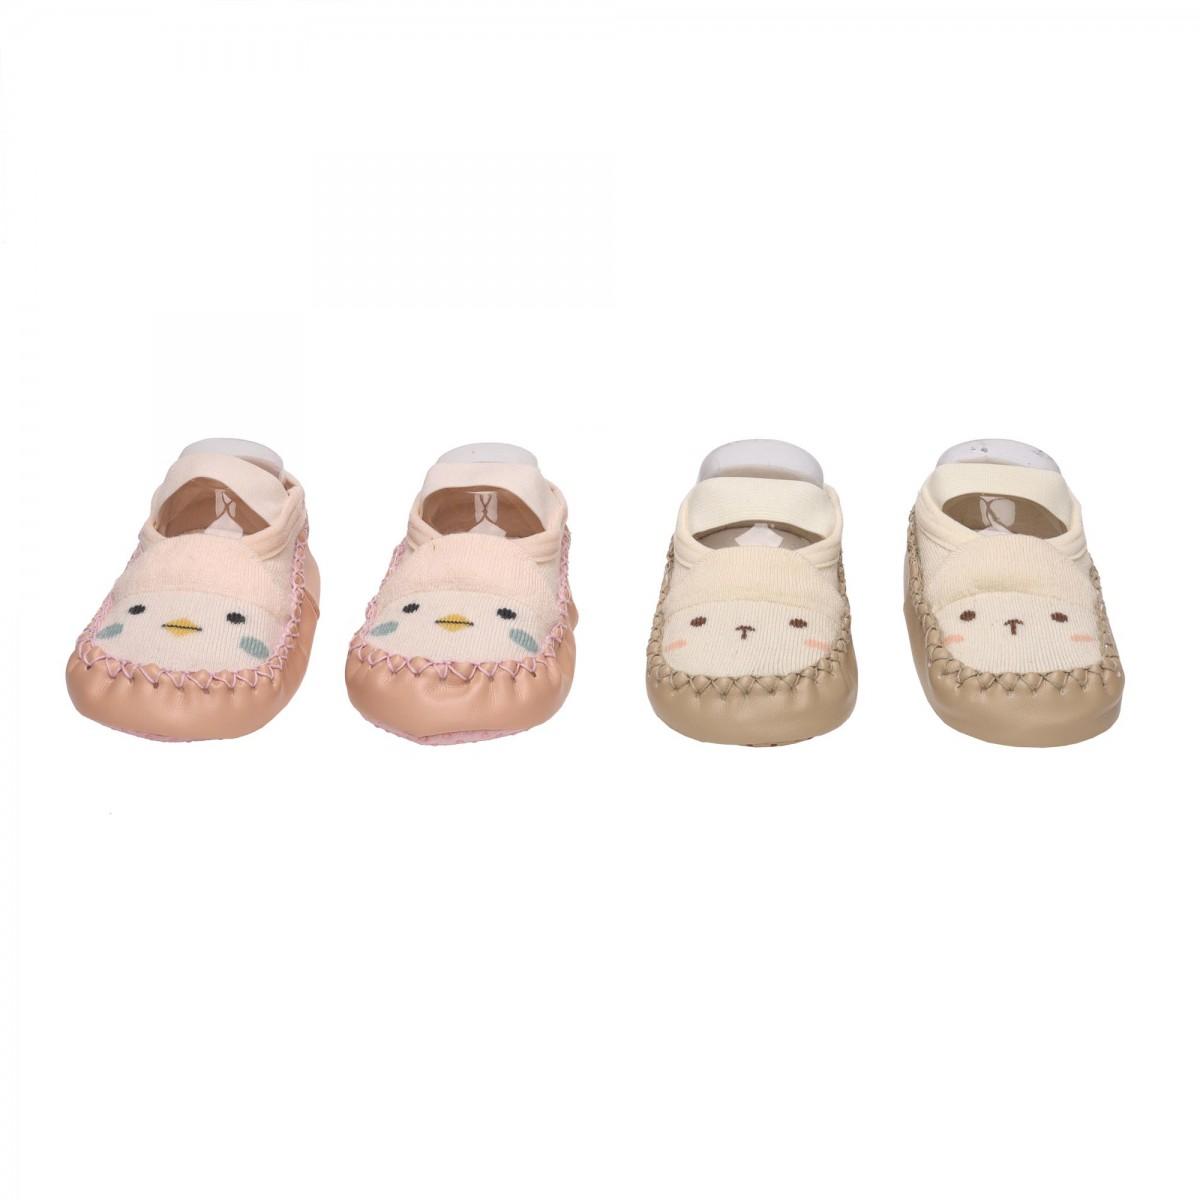 Happy Feet Pink & Peach Slip On Booties - 2 Pack